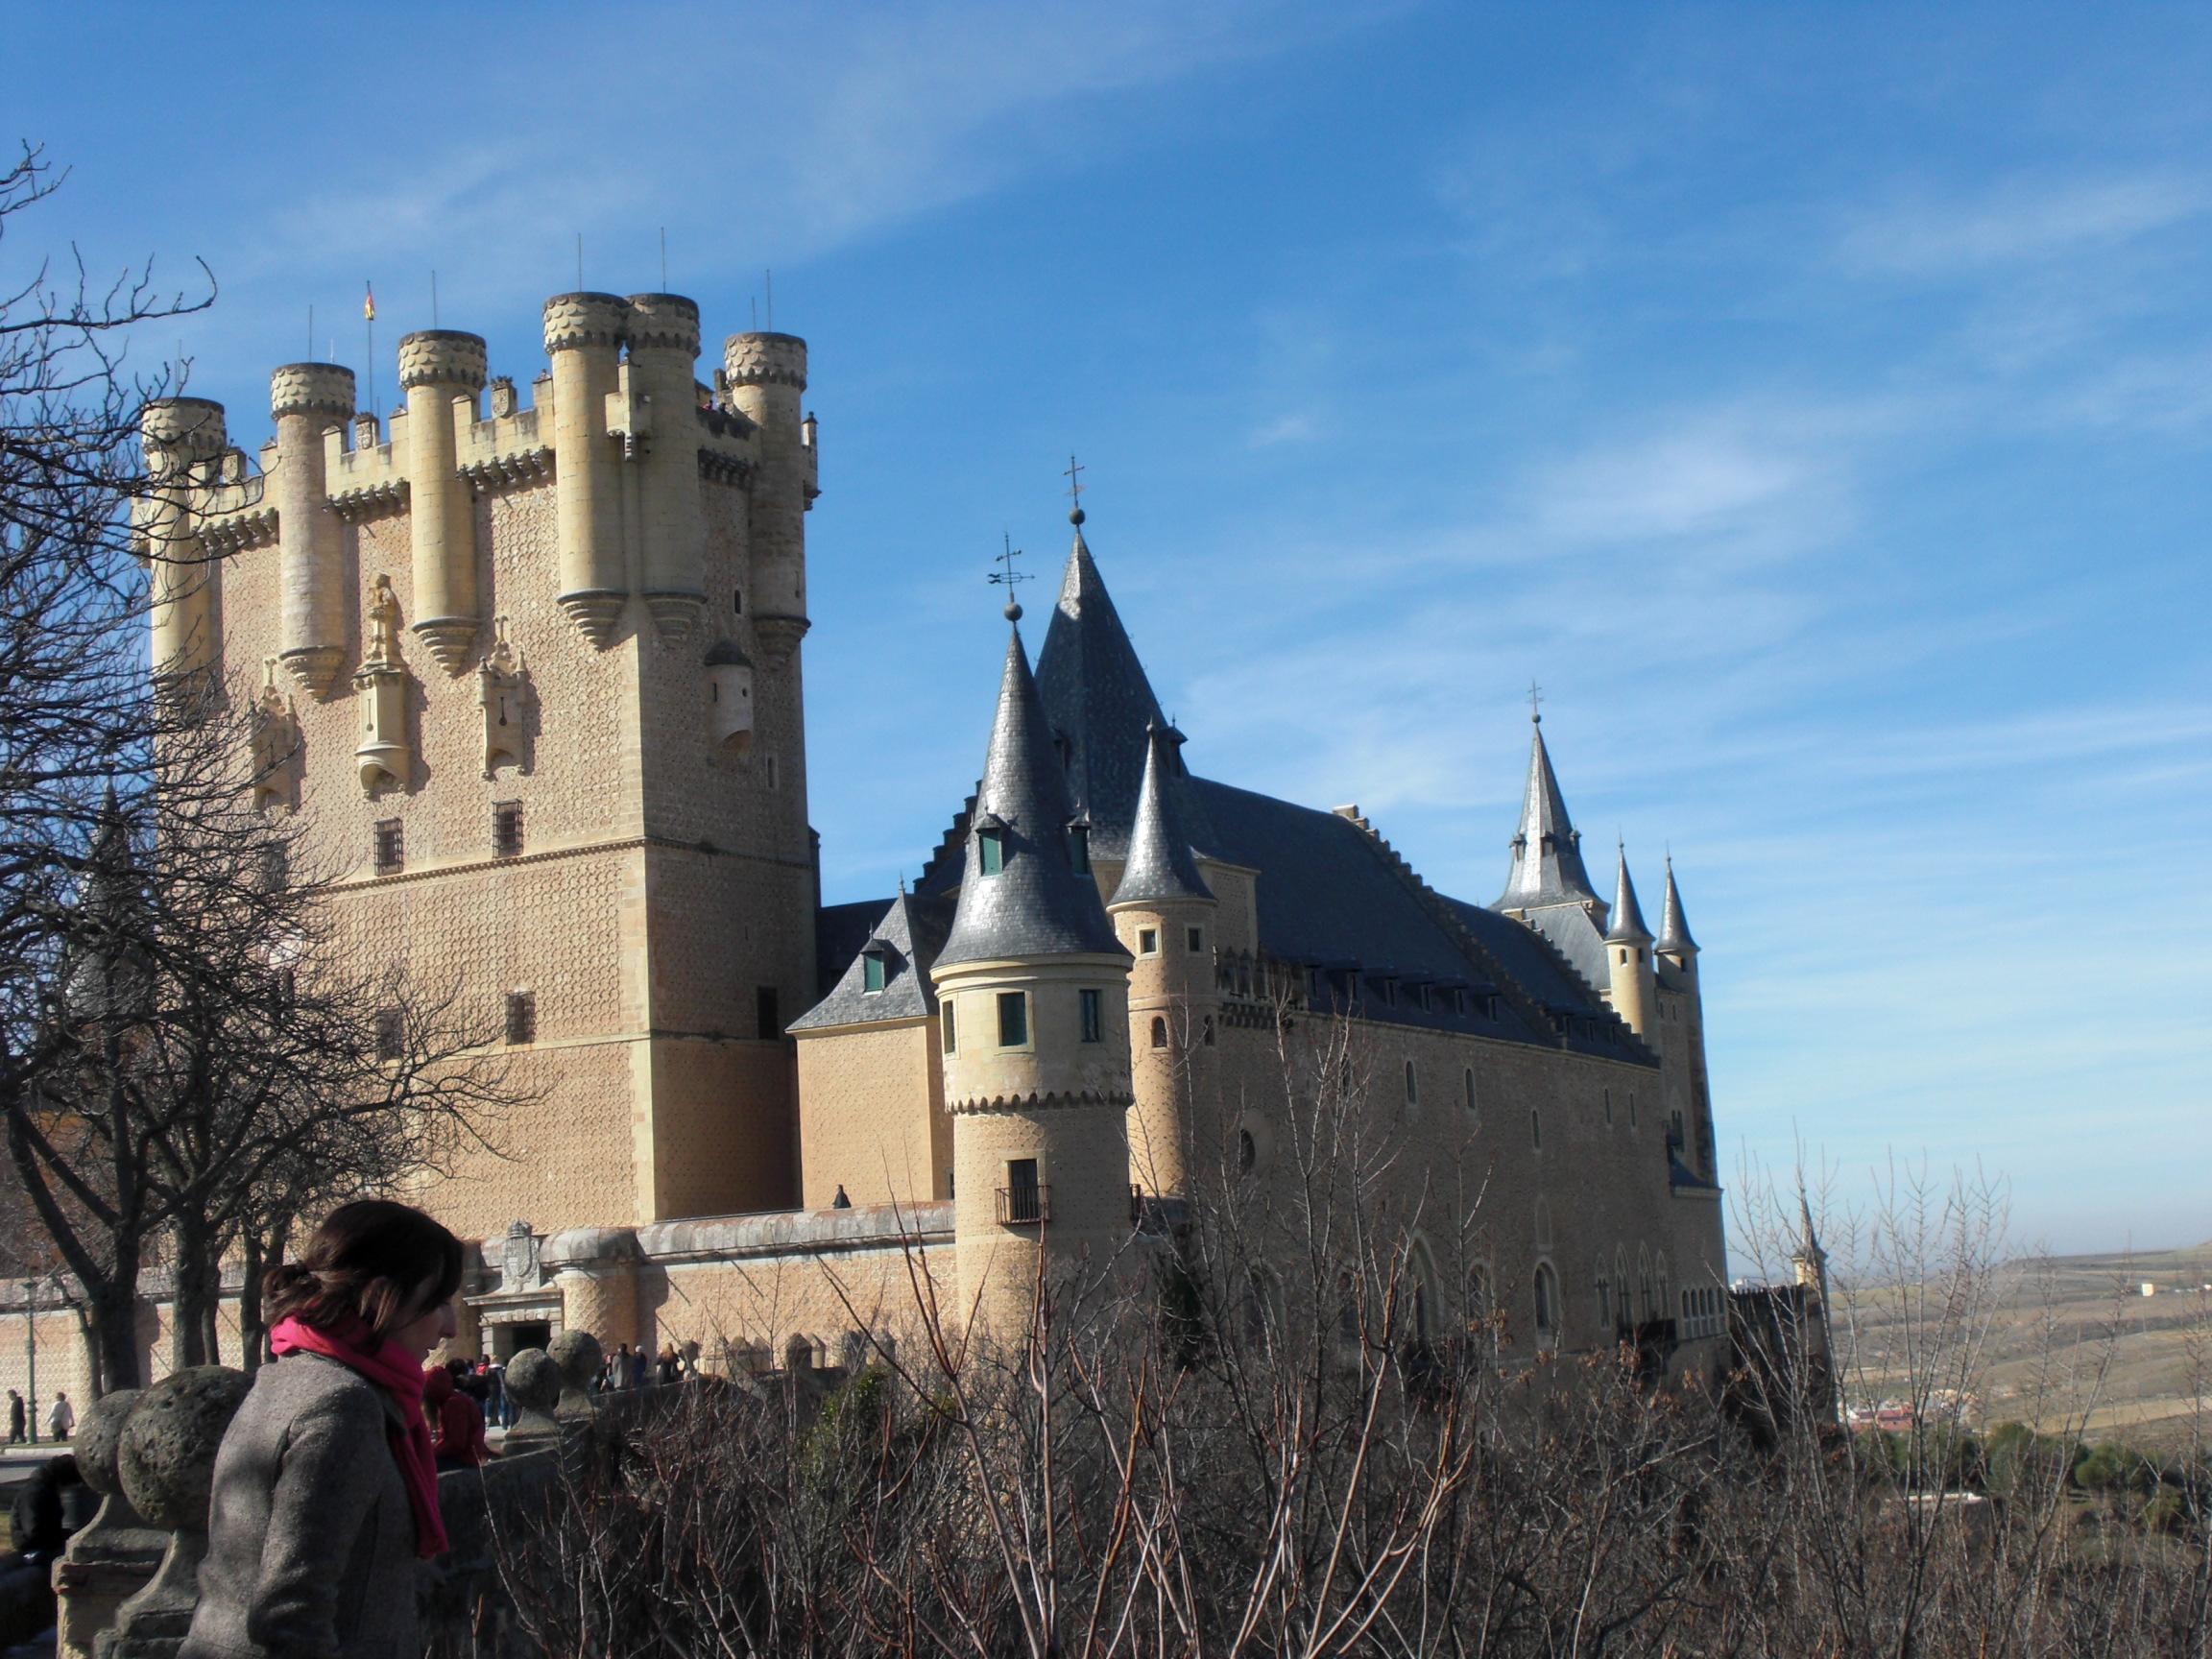 Alcazar (castle)